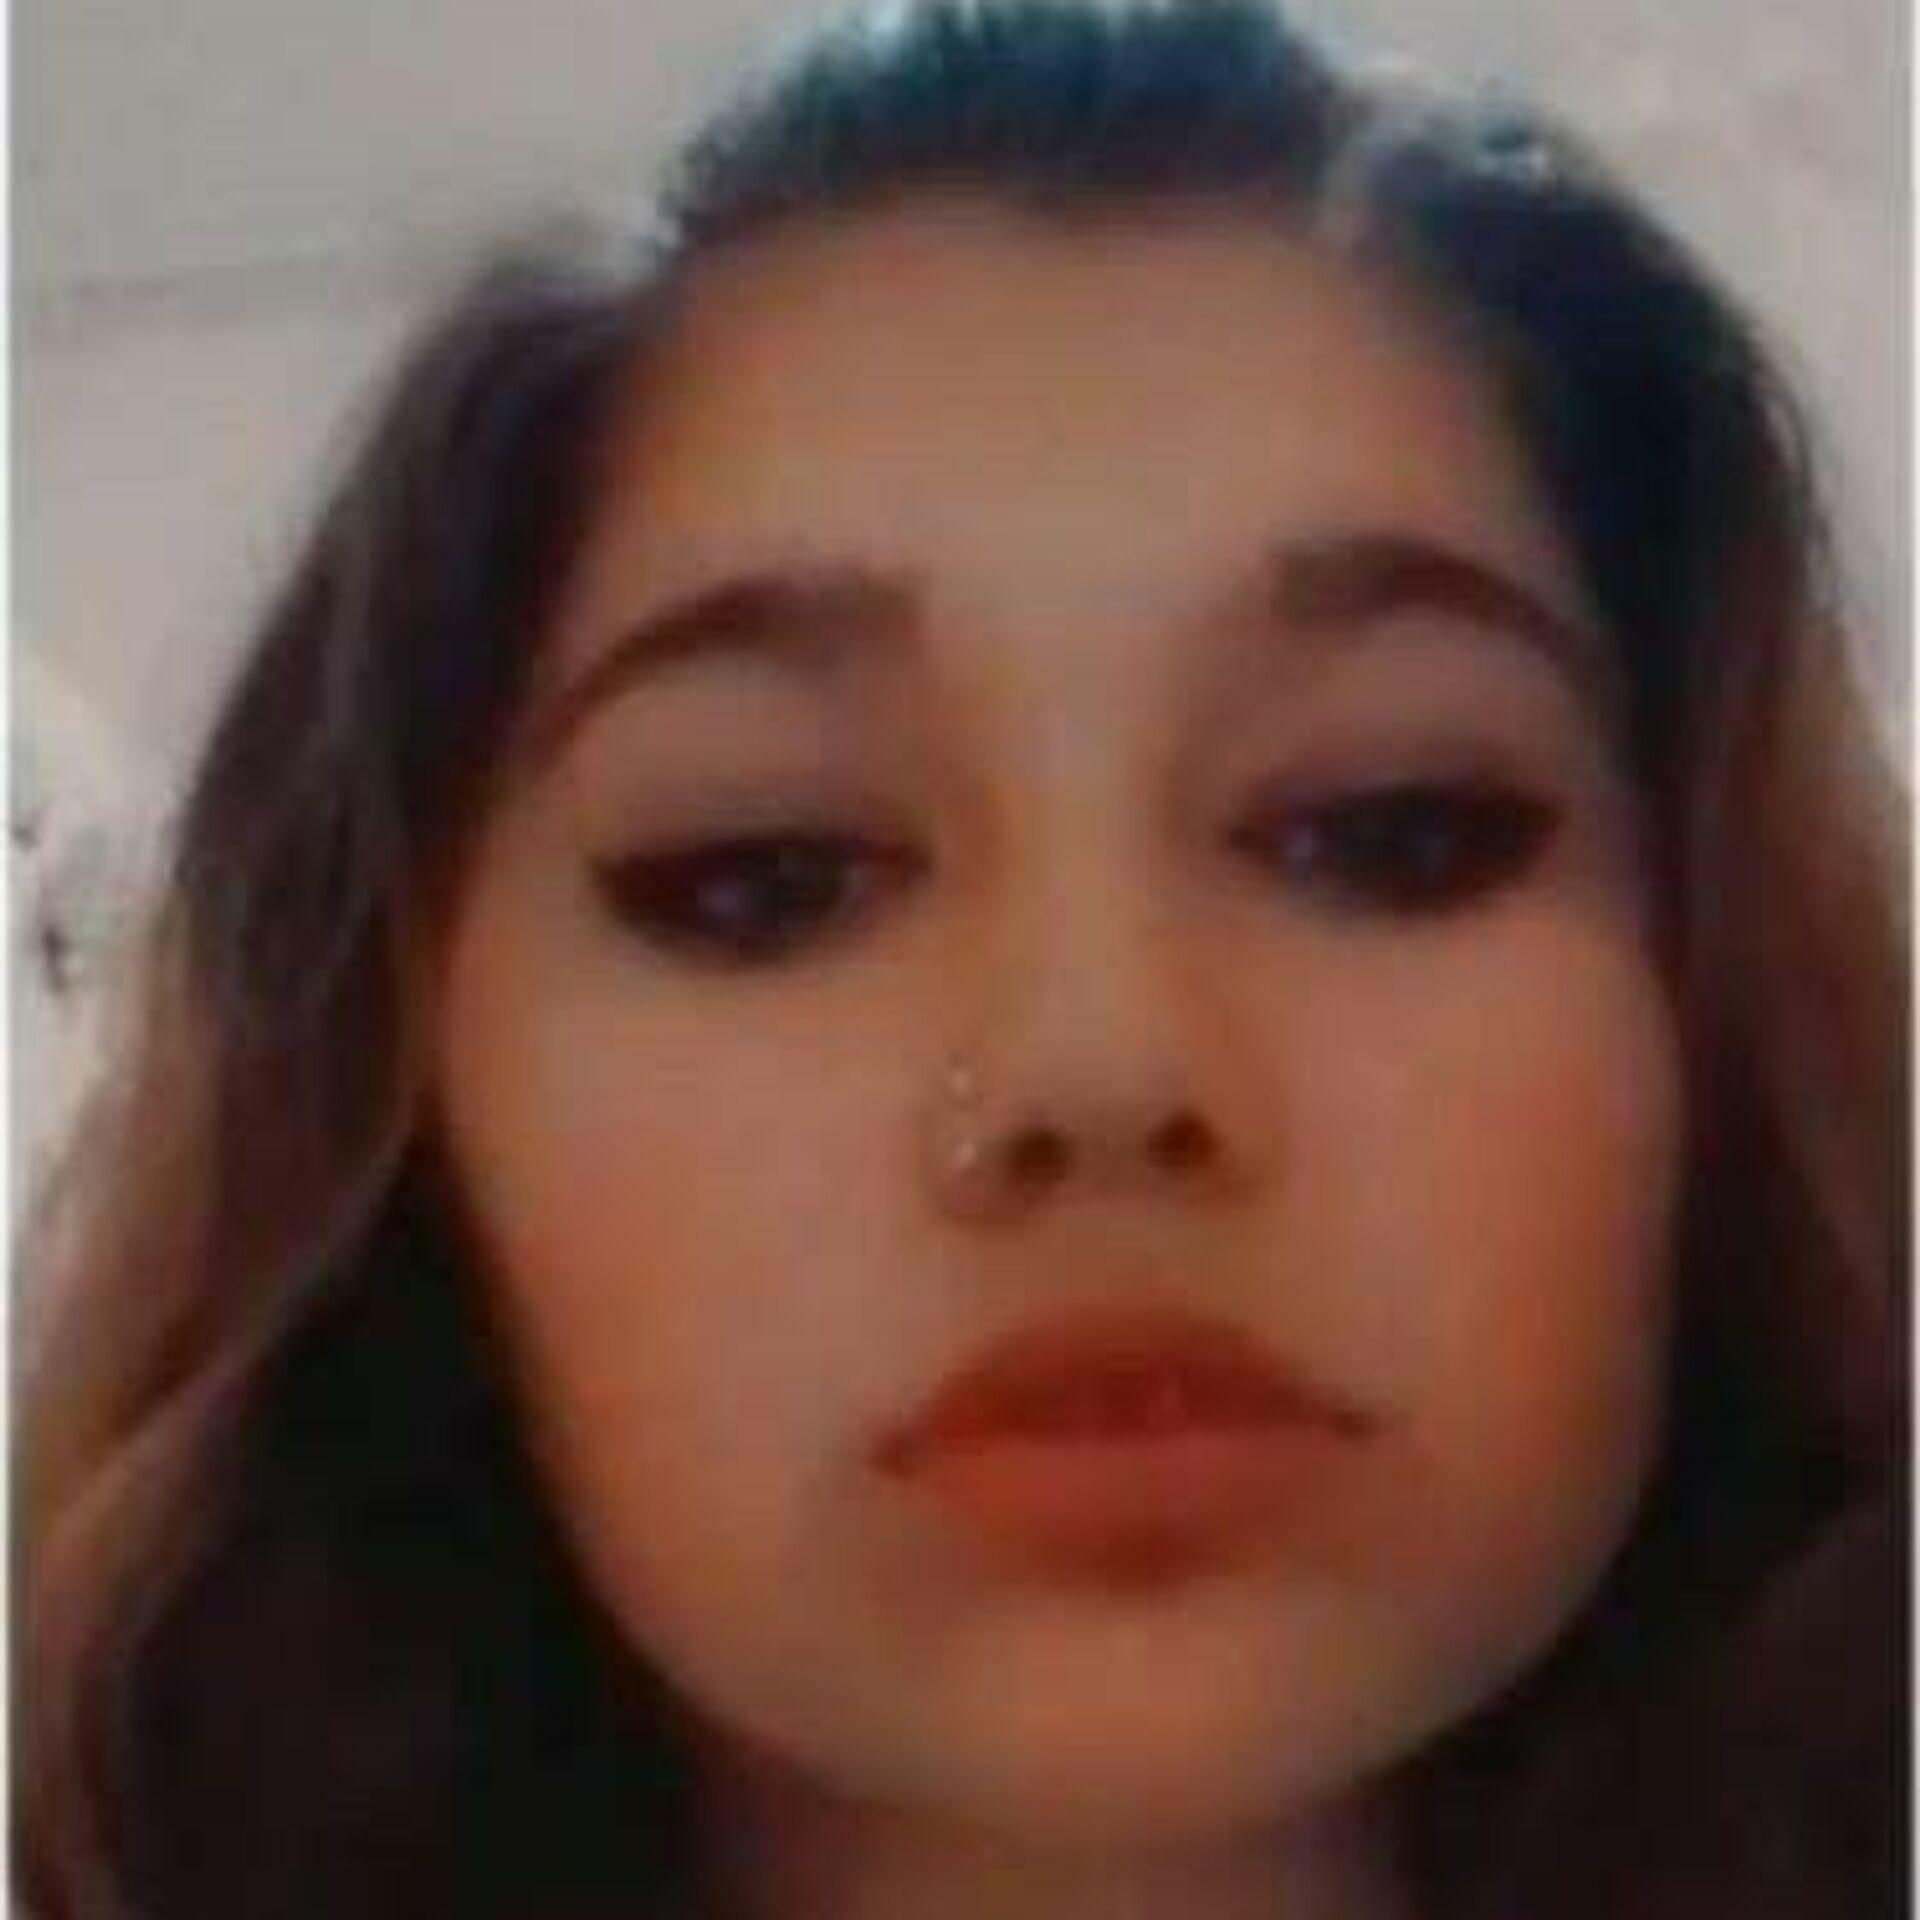 Evden çıktı bir daha geri dönmedi: Ailesi 14 yaşındaki Miraç'ı arıyor -  29.08.2021, Sputnik Türkiye